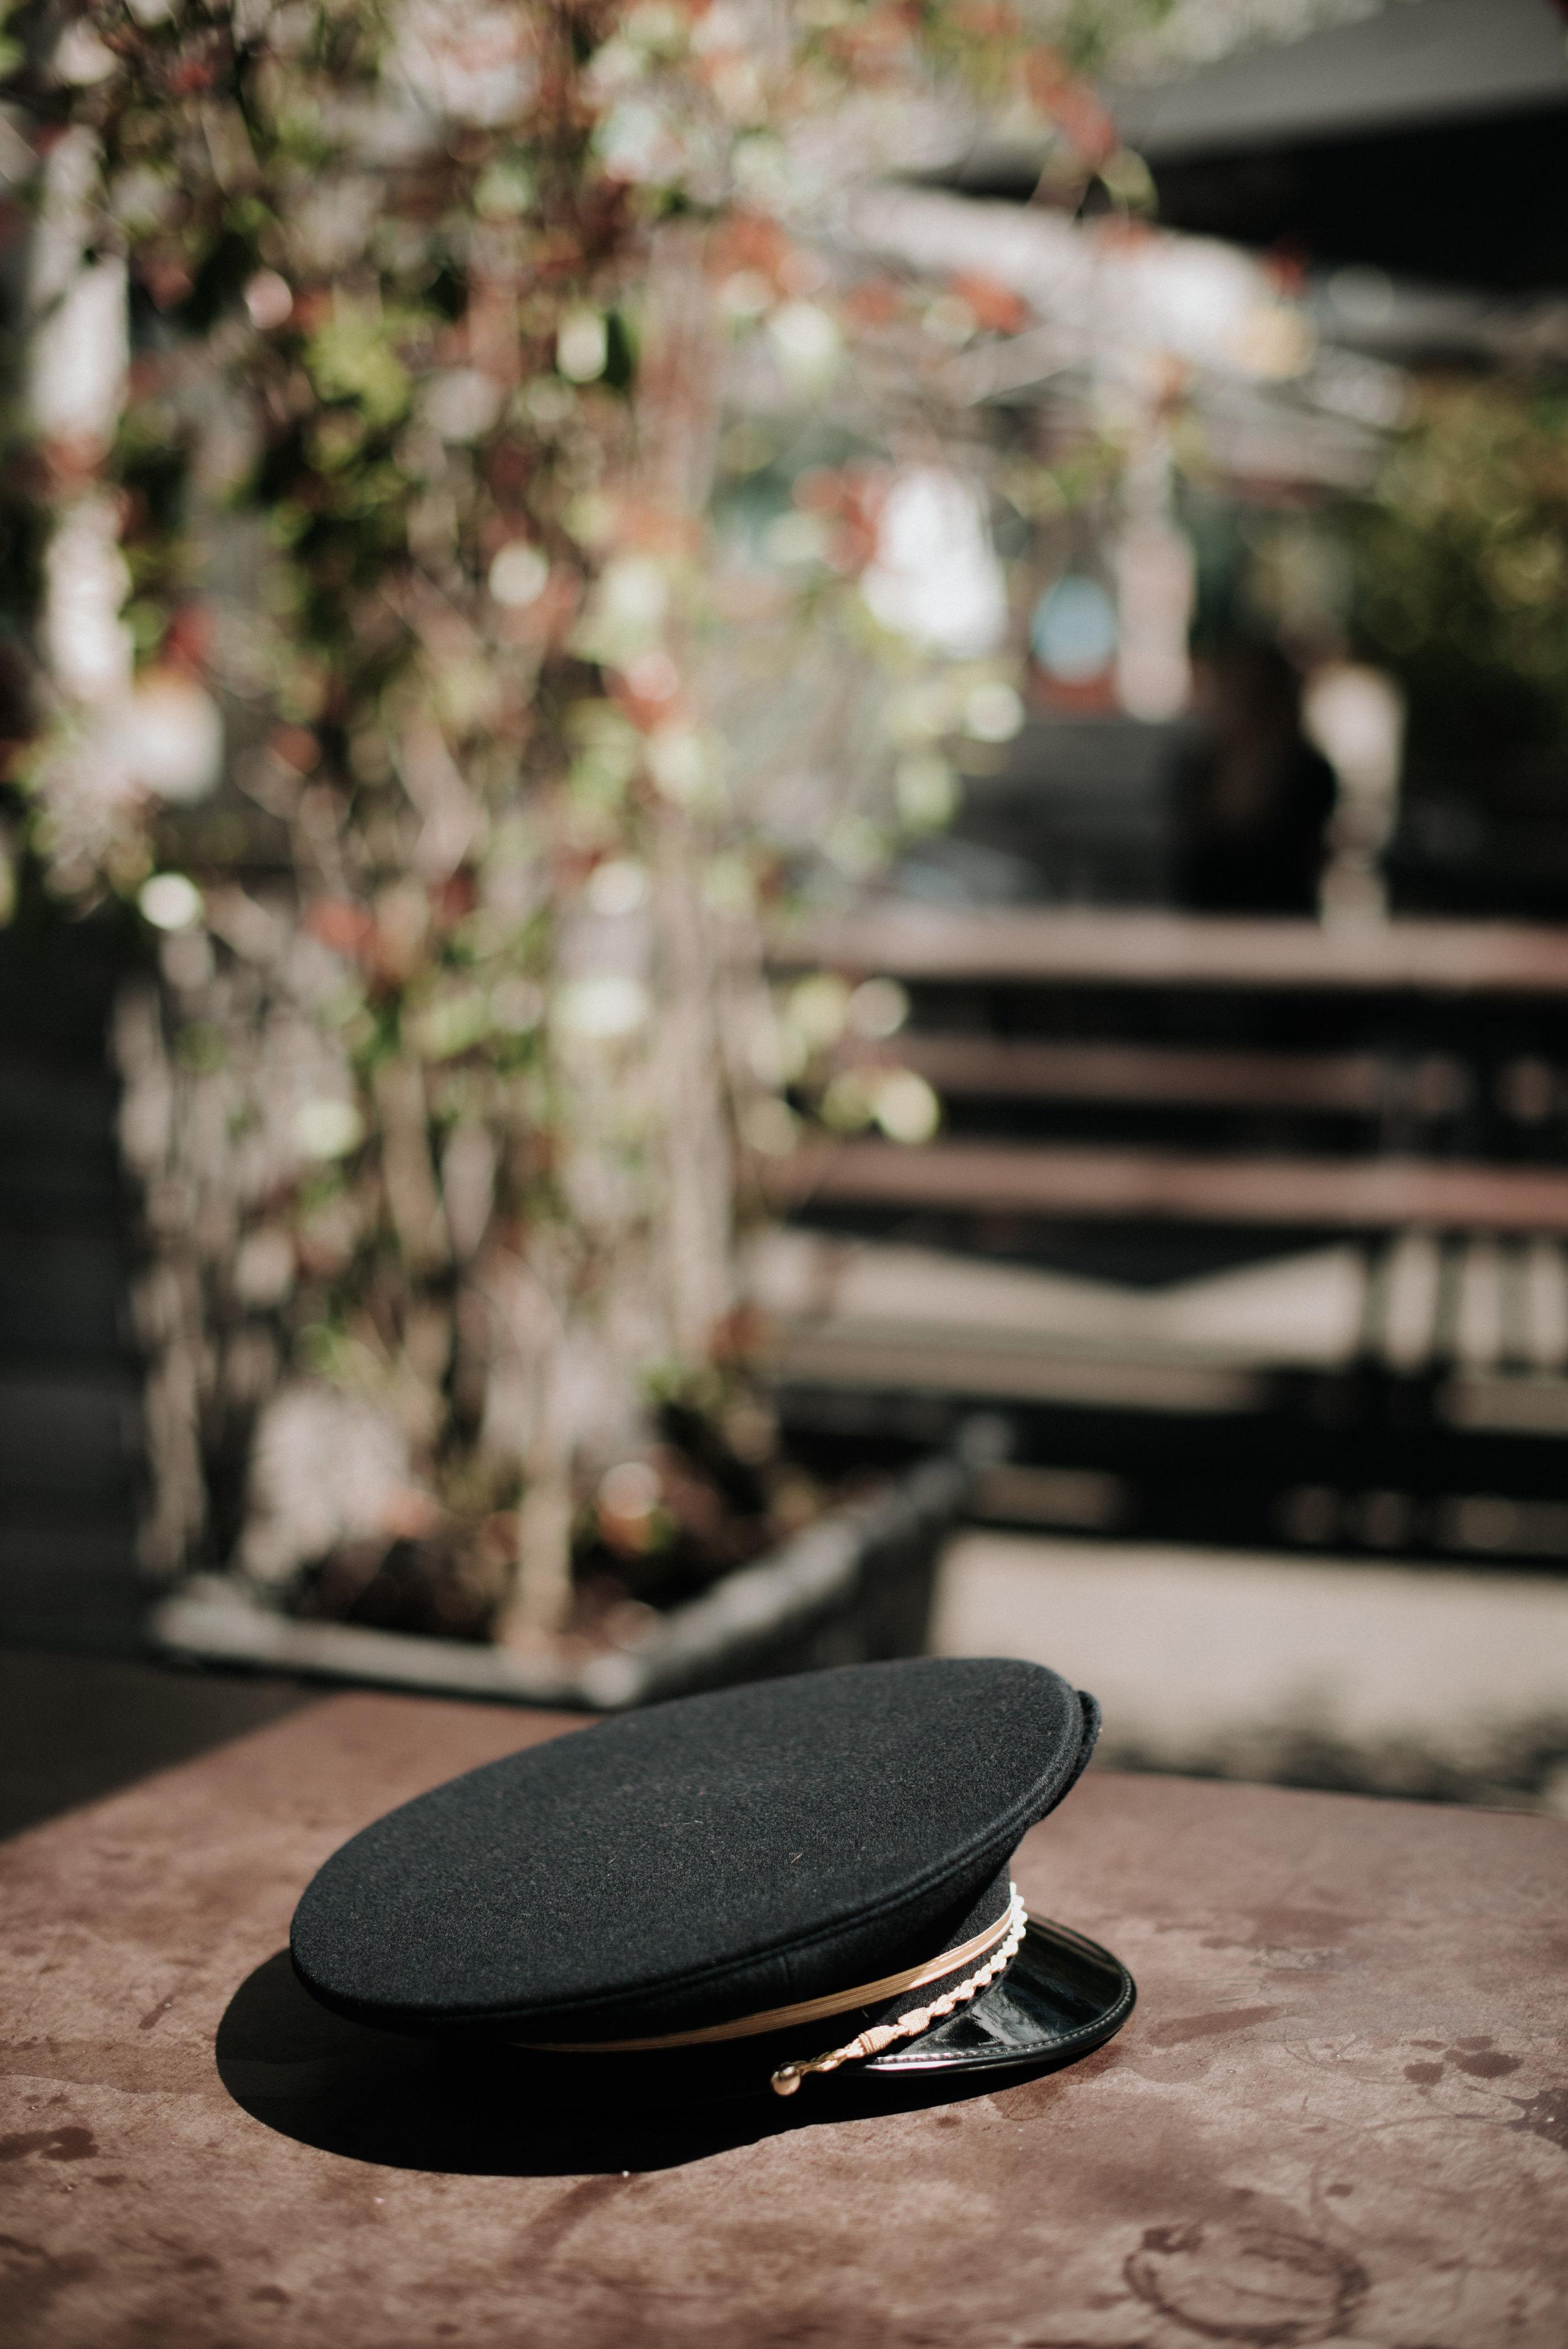 Léa-Fery-photographe-professionnel-lyon-rhone-alpes-portrait-creation-mariage-evenement-evenementiel-famille-4685.jpg